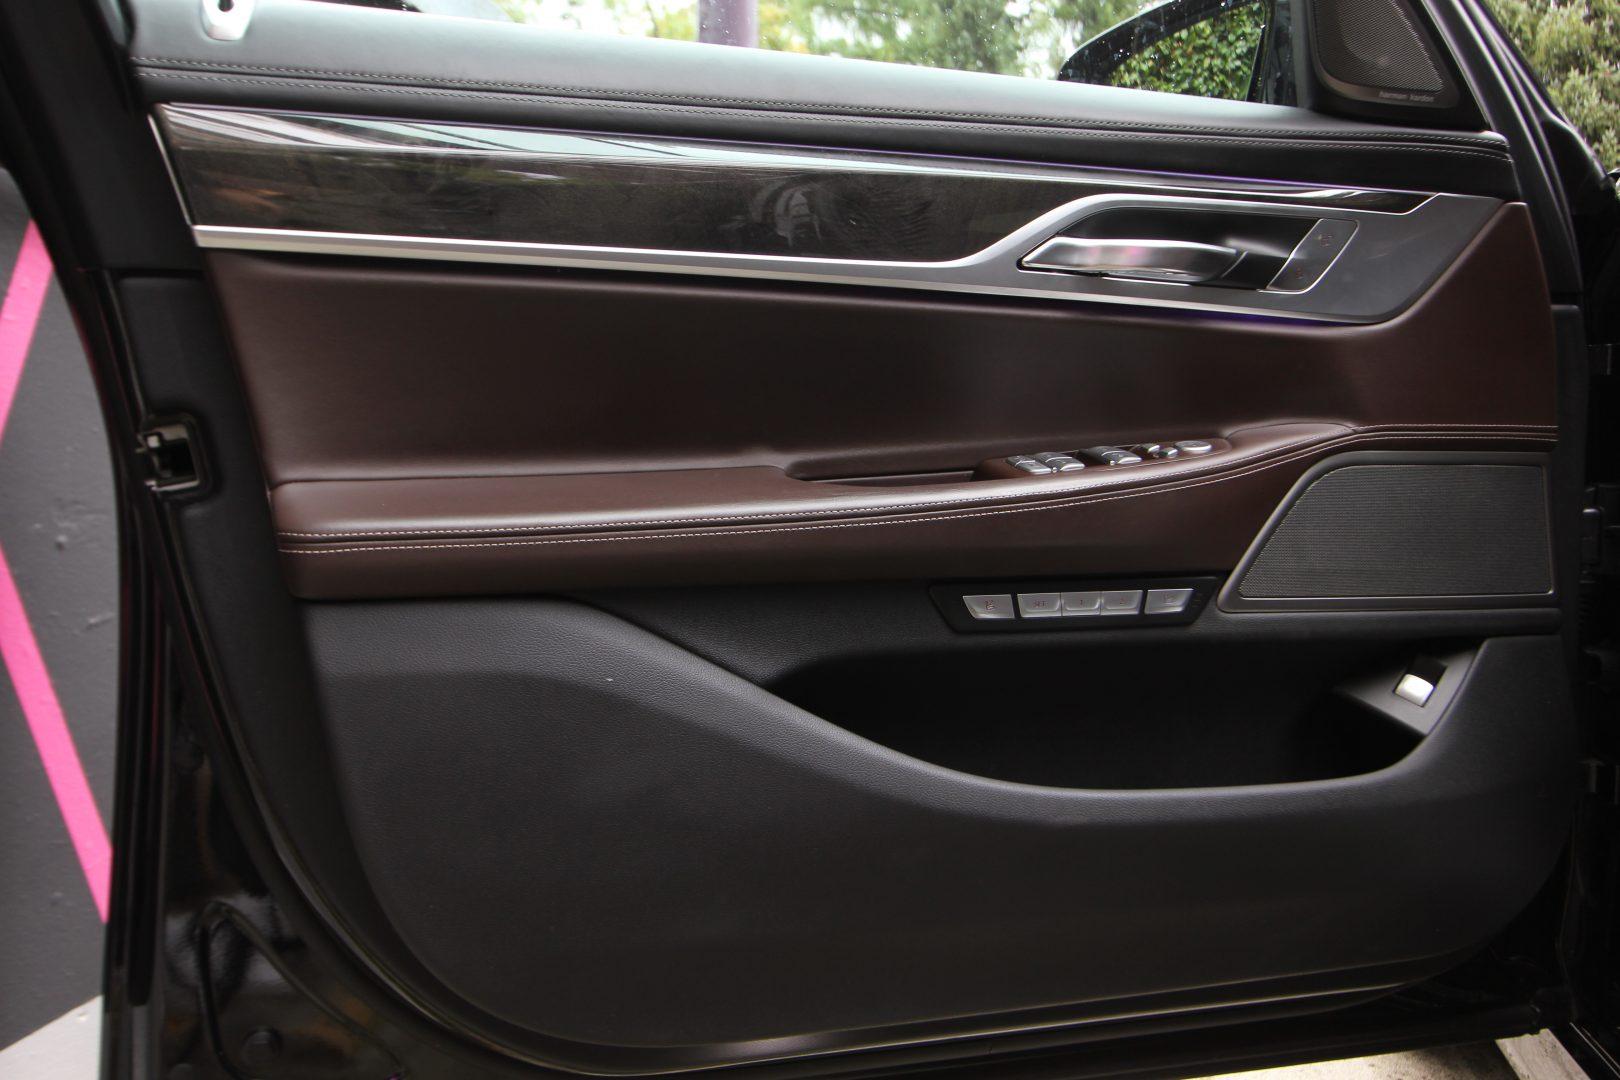 AIL BMW 750Ld xDrive M-Paket  11